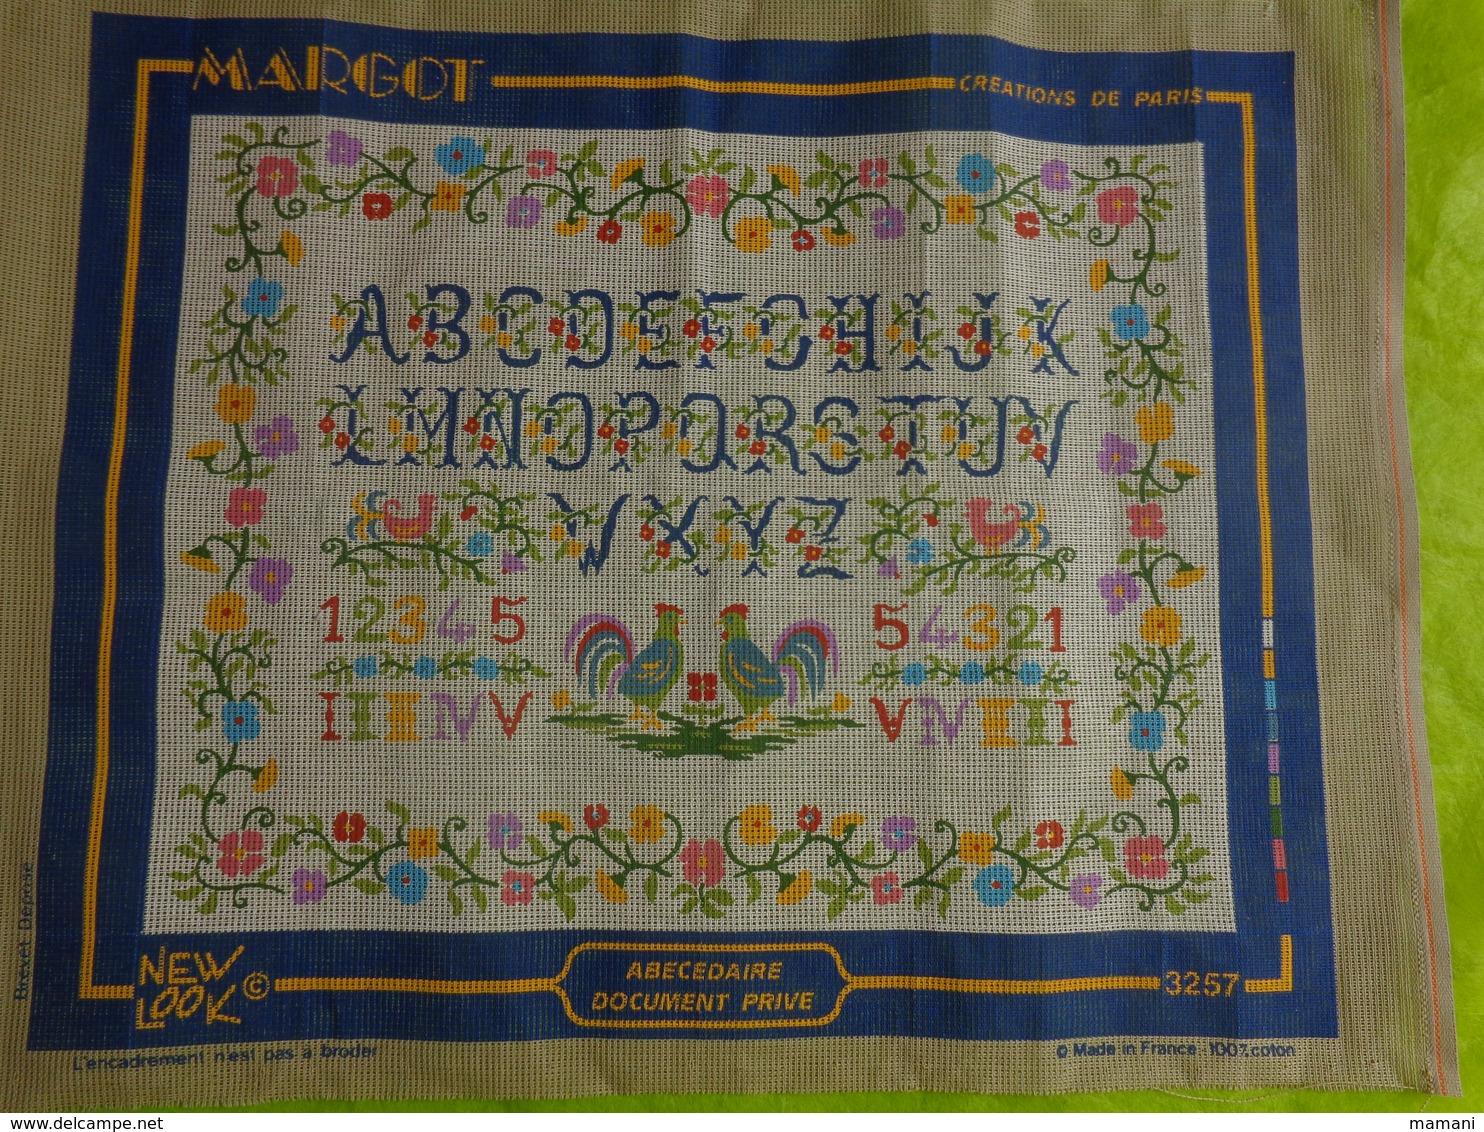 Abecedaire 36x47 Margot A Executer - Creative Hobbies